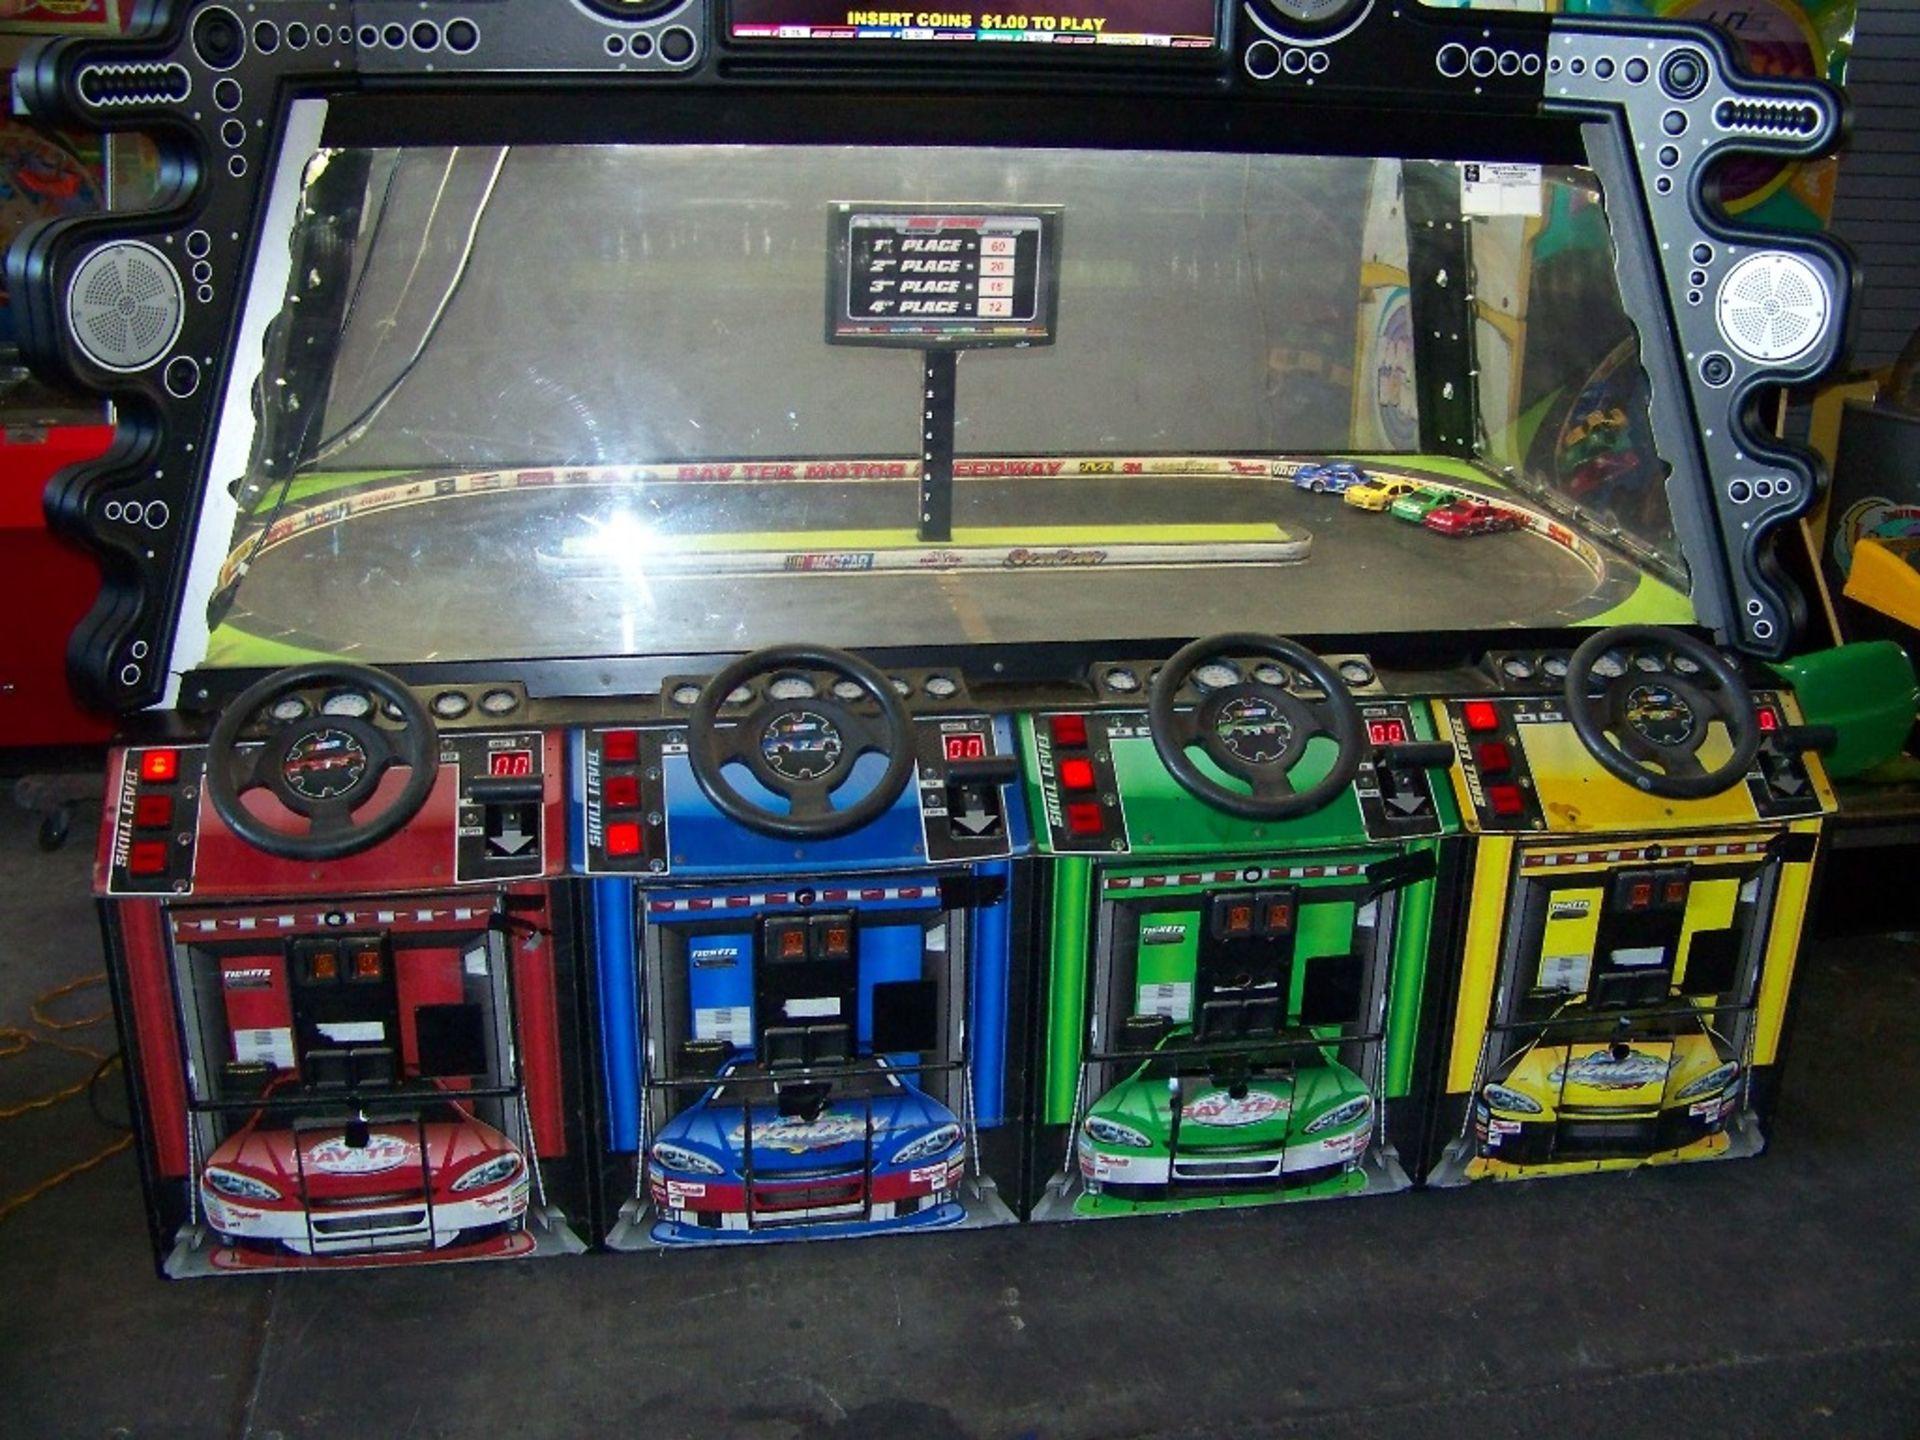 SHOWDOWN 4 PLAYER TICKET REDEMPTION GAME BAYTEK - Image 4 of 12